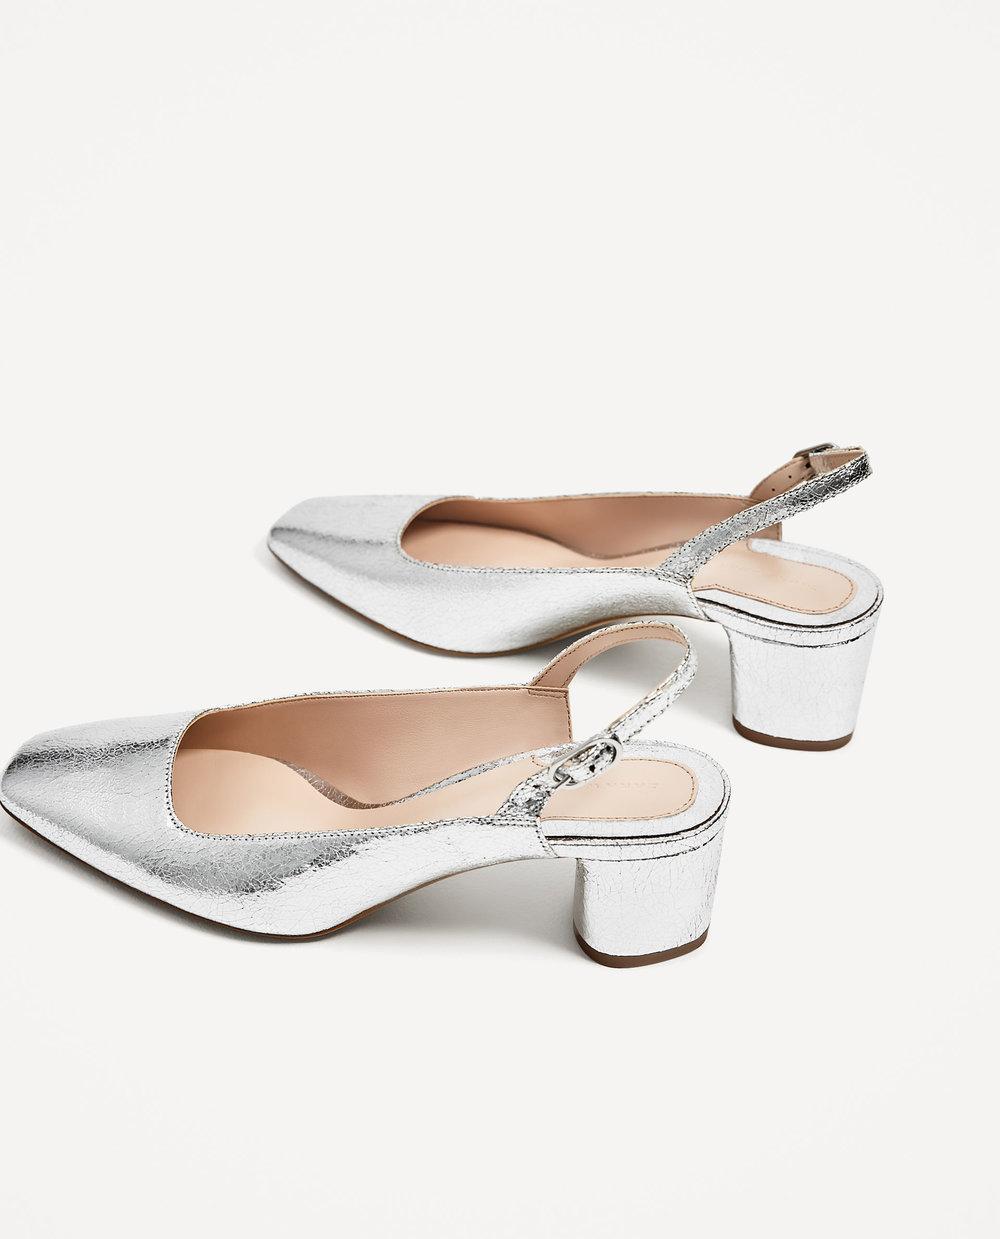 Placerea de a purta pantofi de tip slingback (cu bareta la spate) cred ca mi s-a inoculat in copilarie. Sunt incaltari de Madame par excellence. Incerci perechea  aceasta  de la Zara?